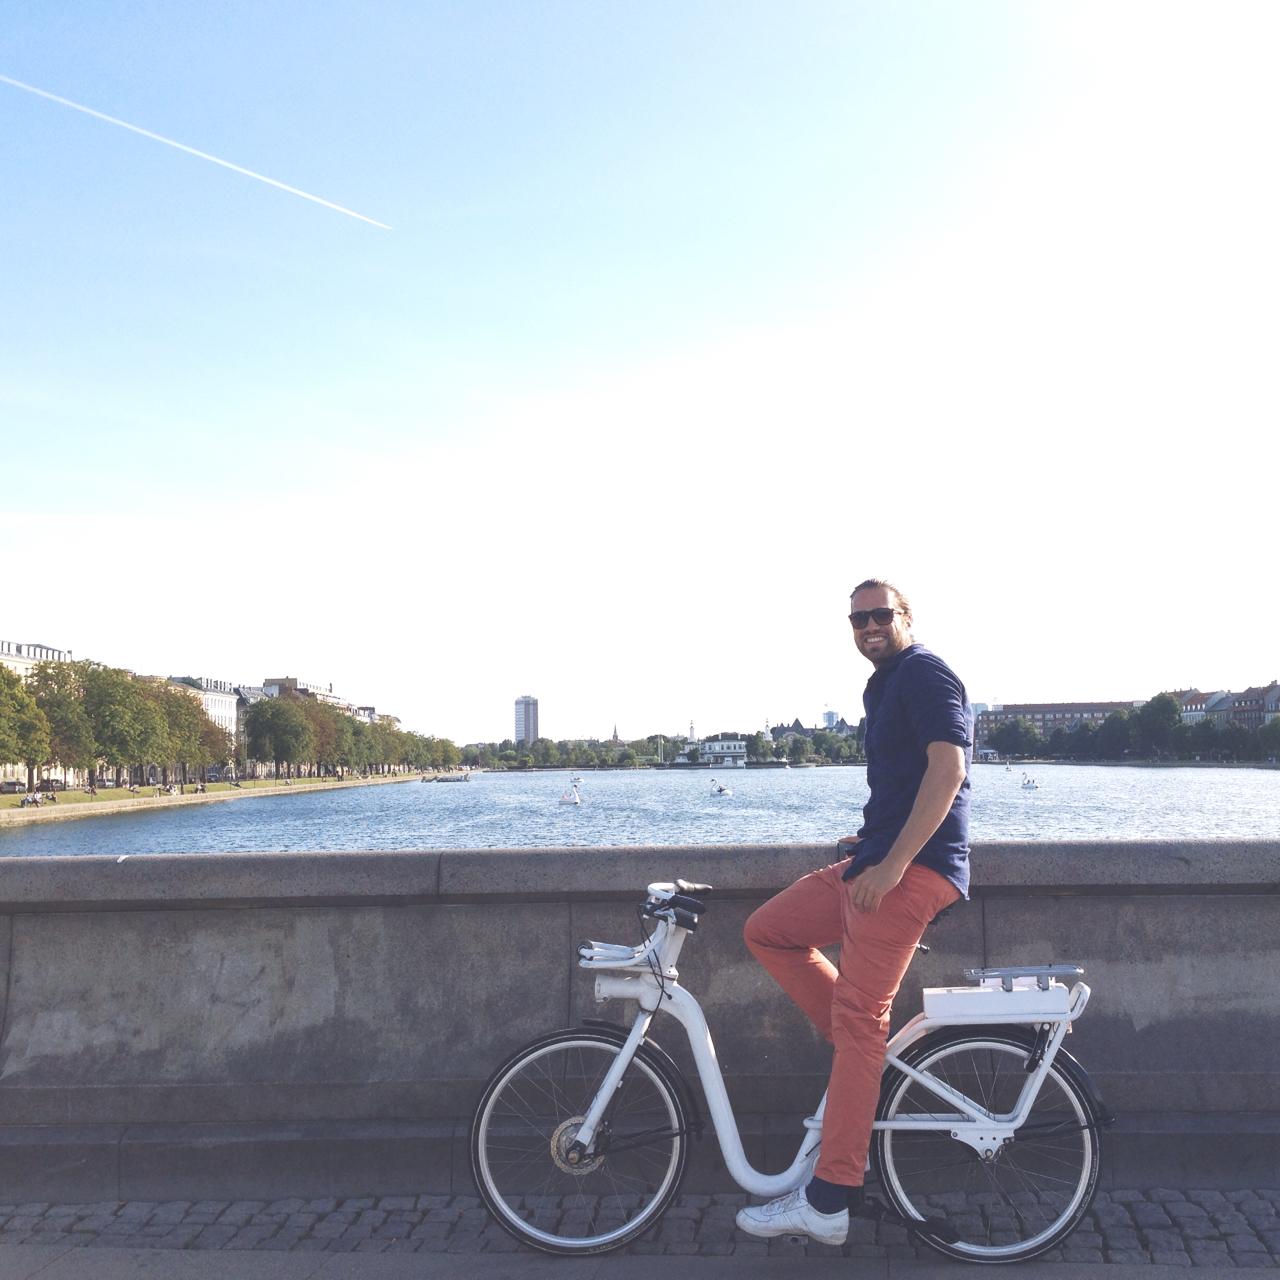 Kopenhagen weekendje 15 - brug